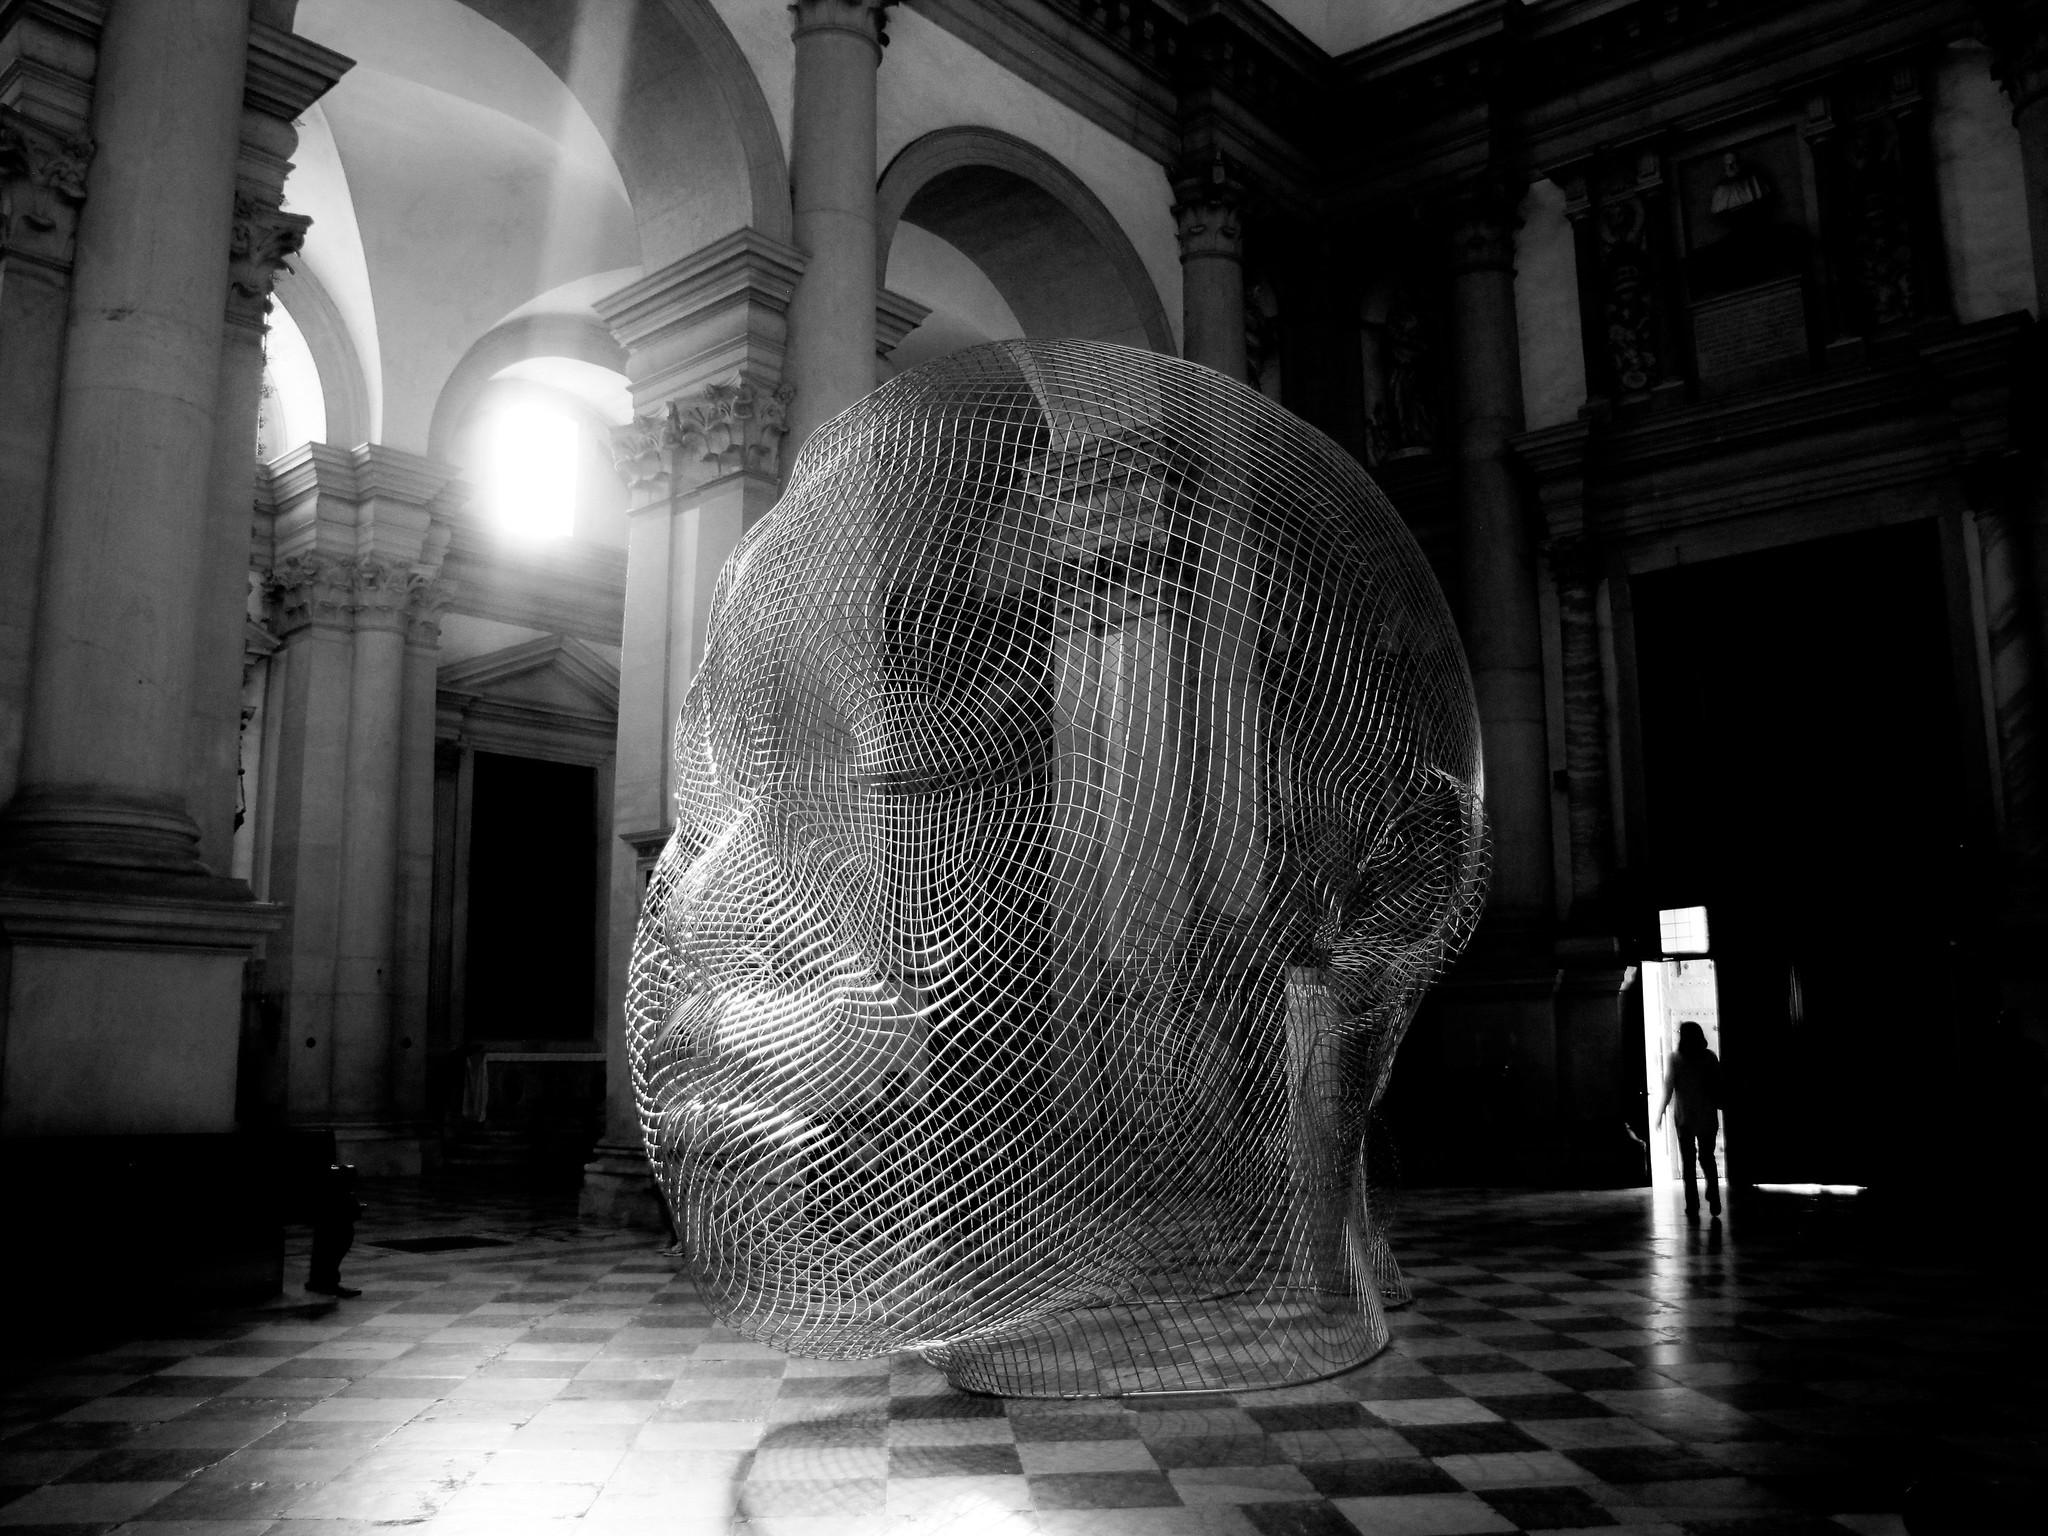 Sculpture by Jaume Plensa, Basilica de San Giorgio Maggiore, Venice, Italy